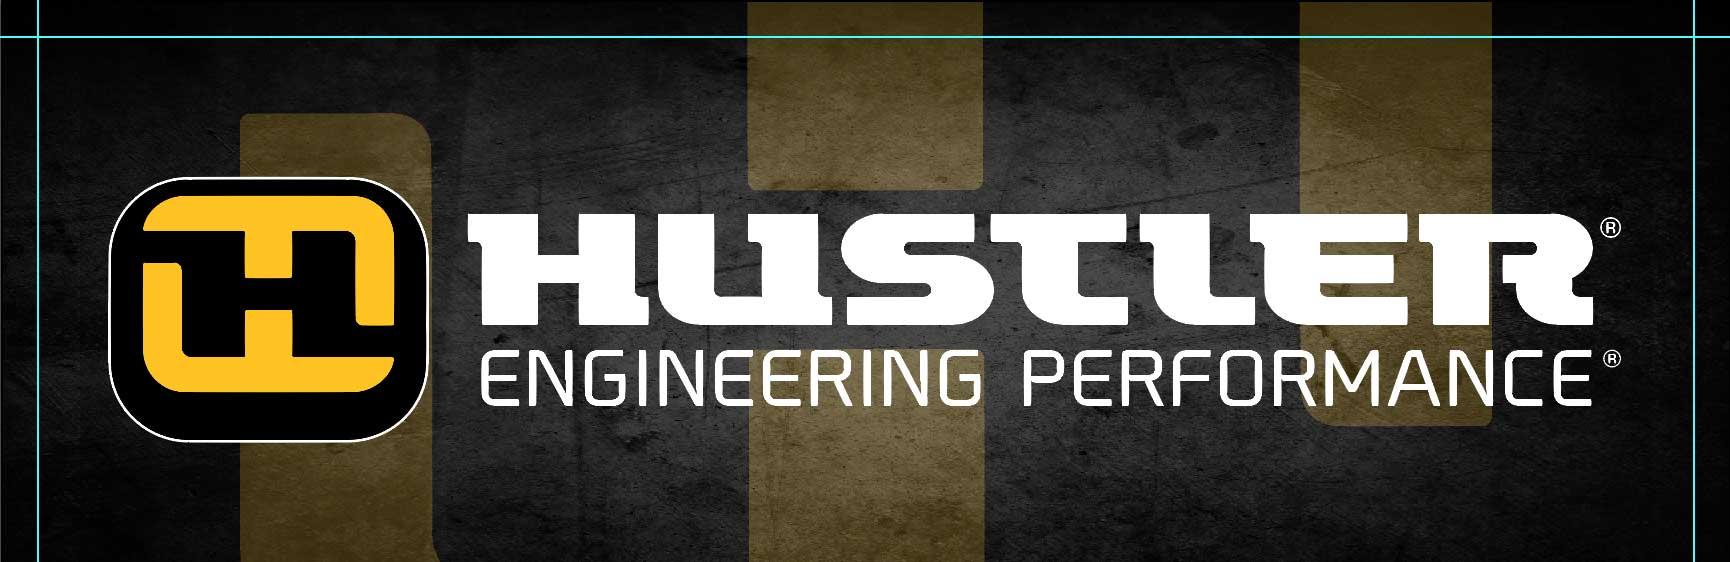 Hustler Manufacturer site